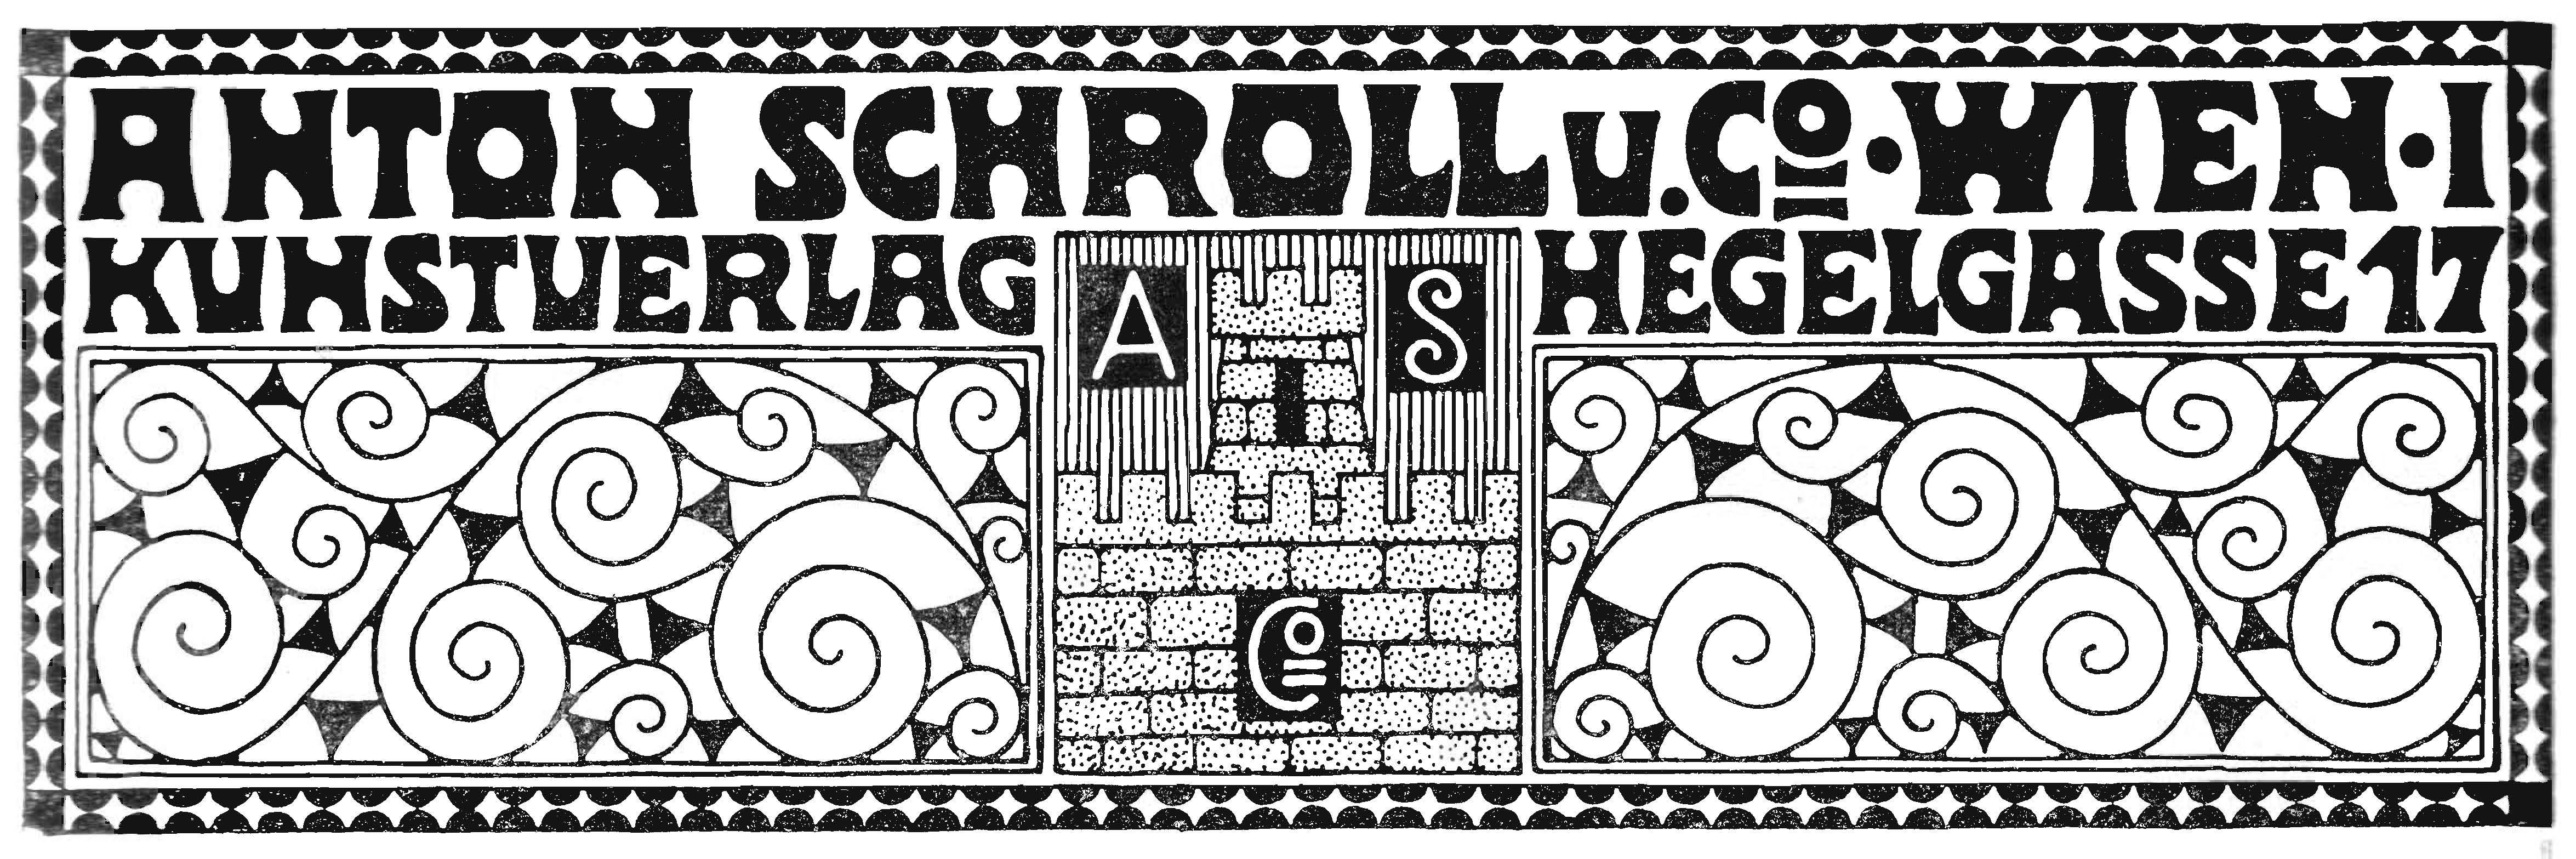 Schroll Signet